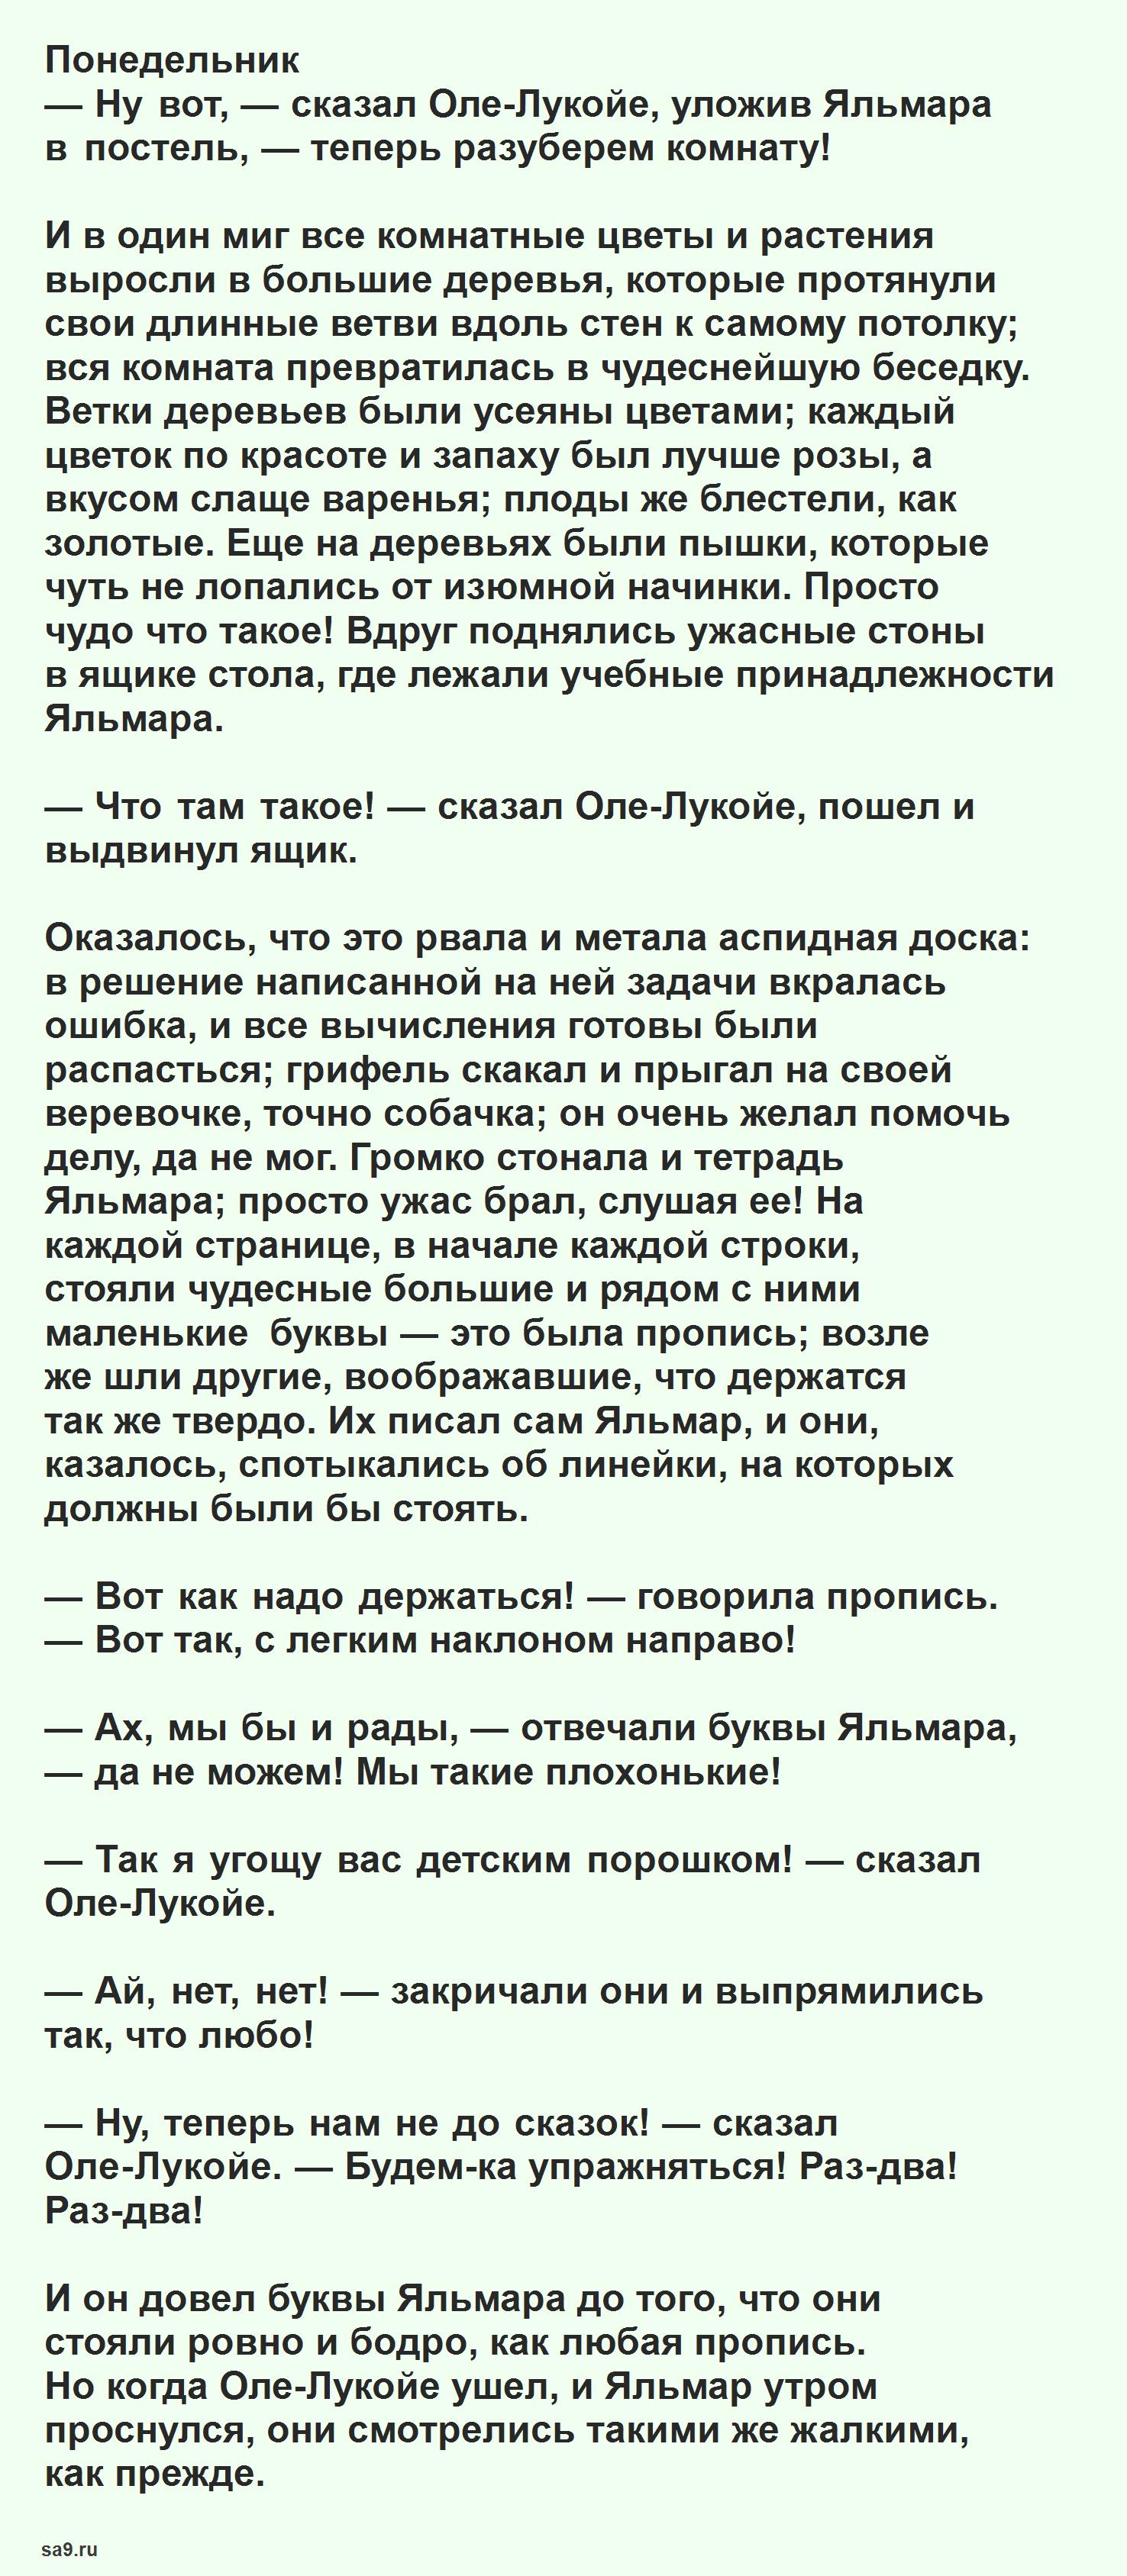 Сказка Андерсена – Оле-Лукойе, для детей читать текст полностью